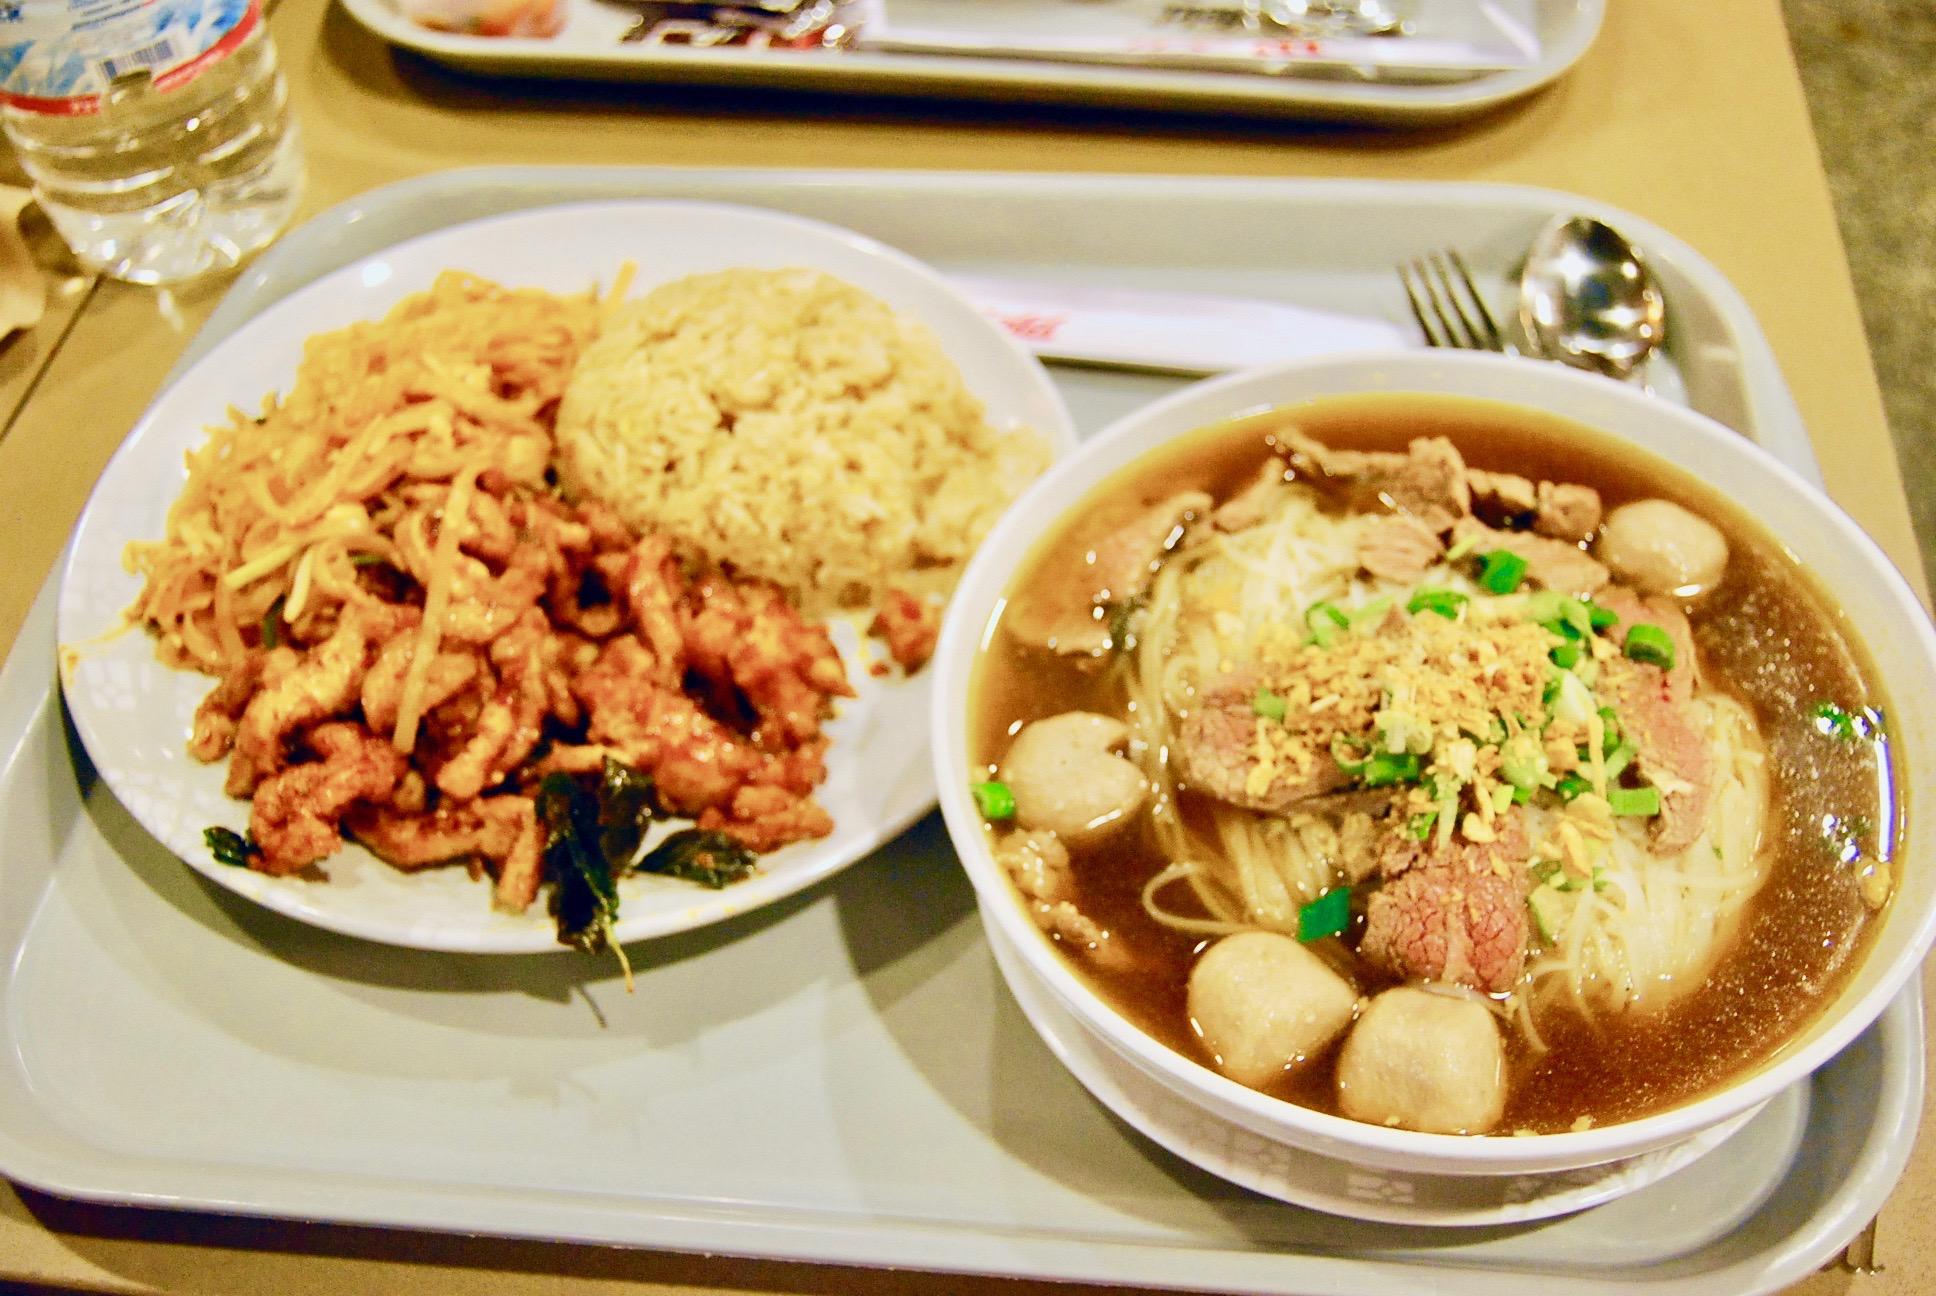 ワンタン麺とチャーハンのセットプレート